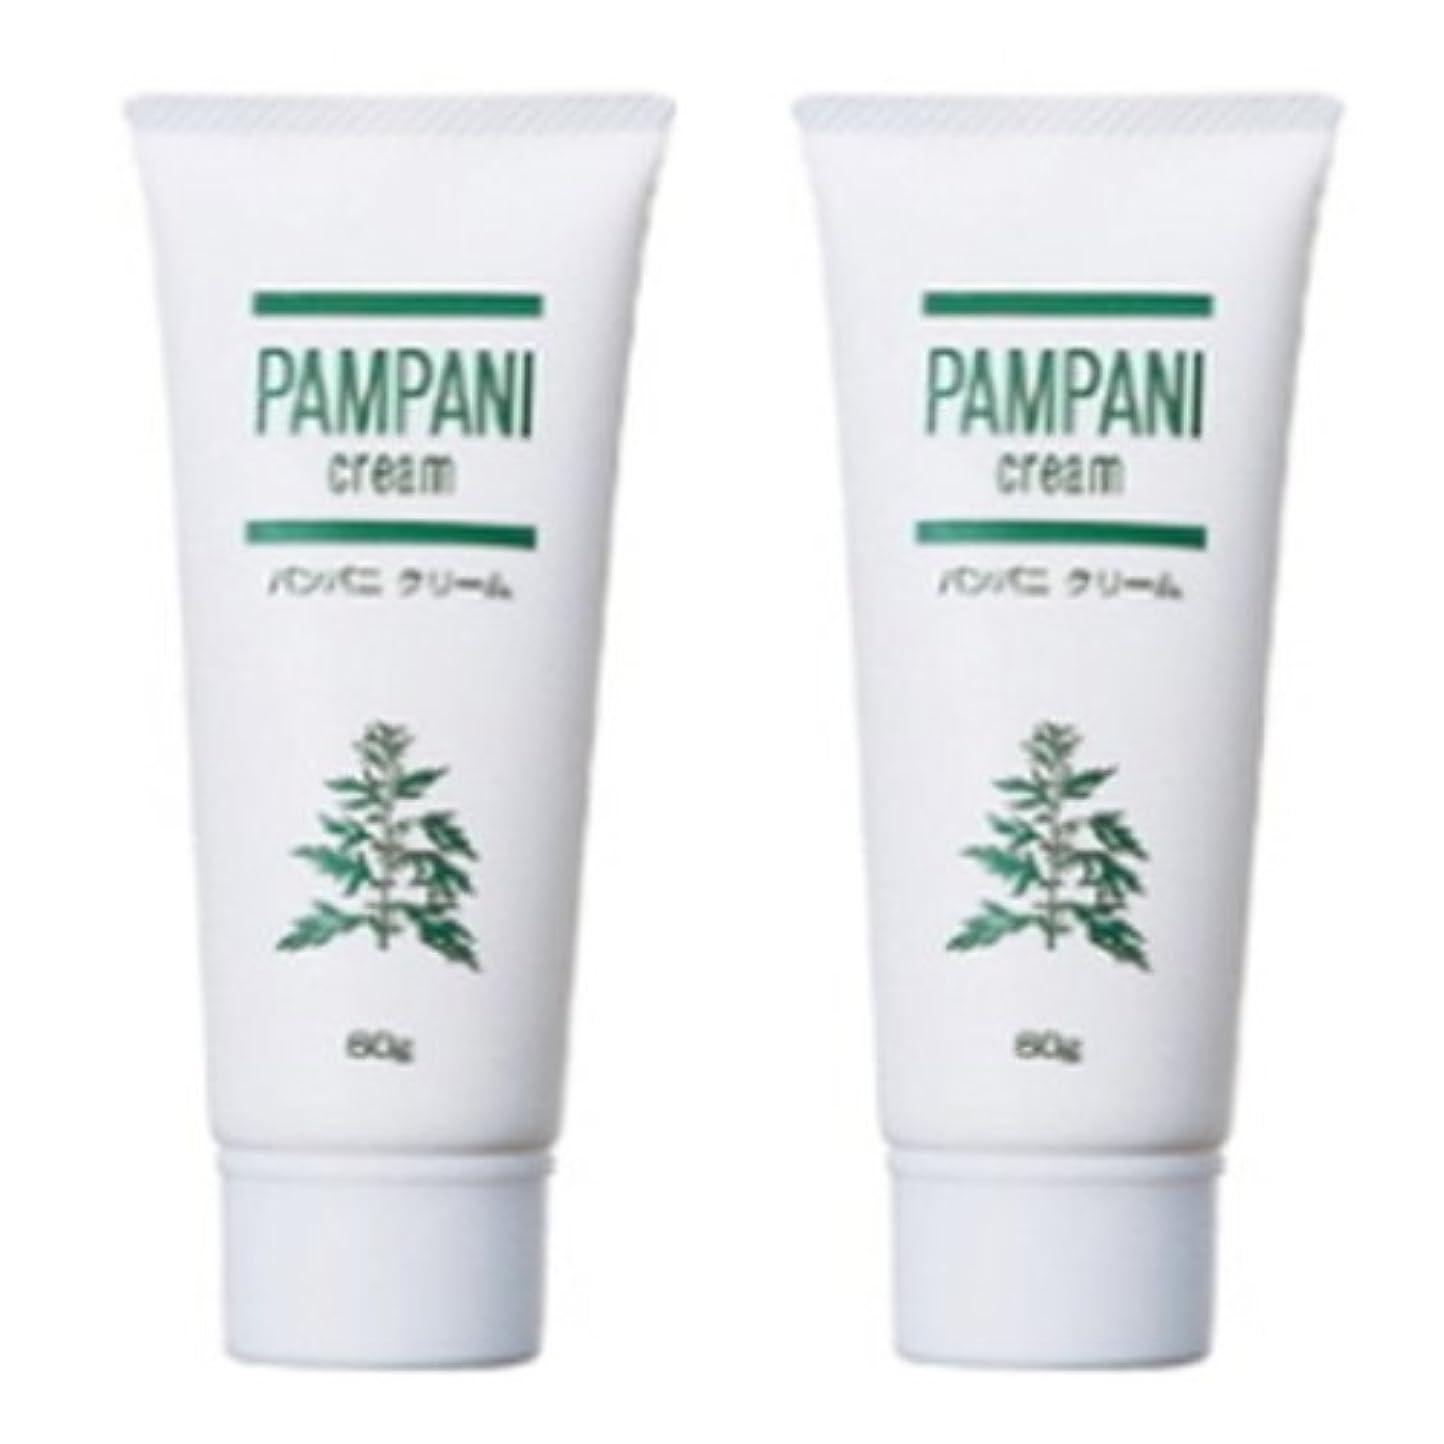 ペチコート入植者名誉あるパンパニ(PAMPANI) クリーム 60g×2本組